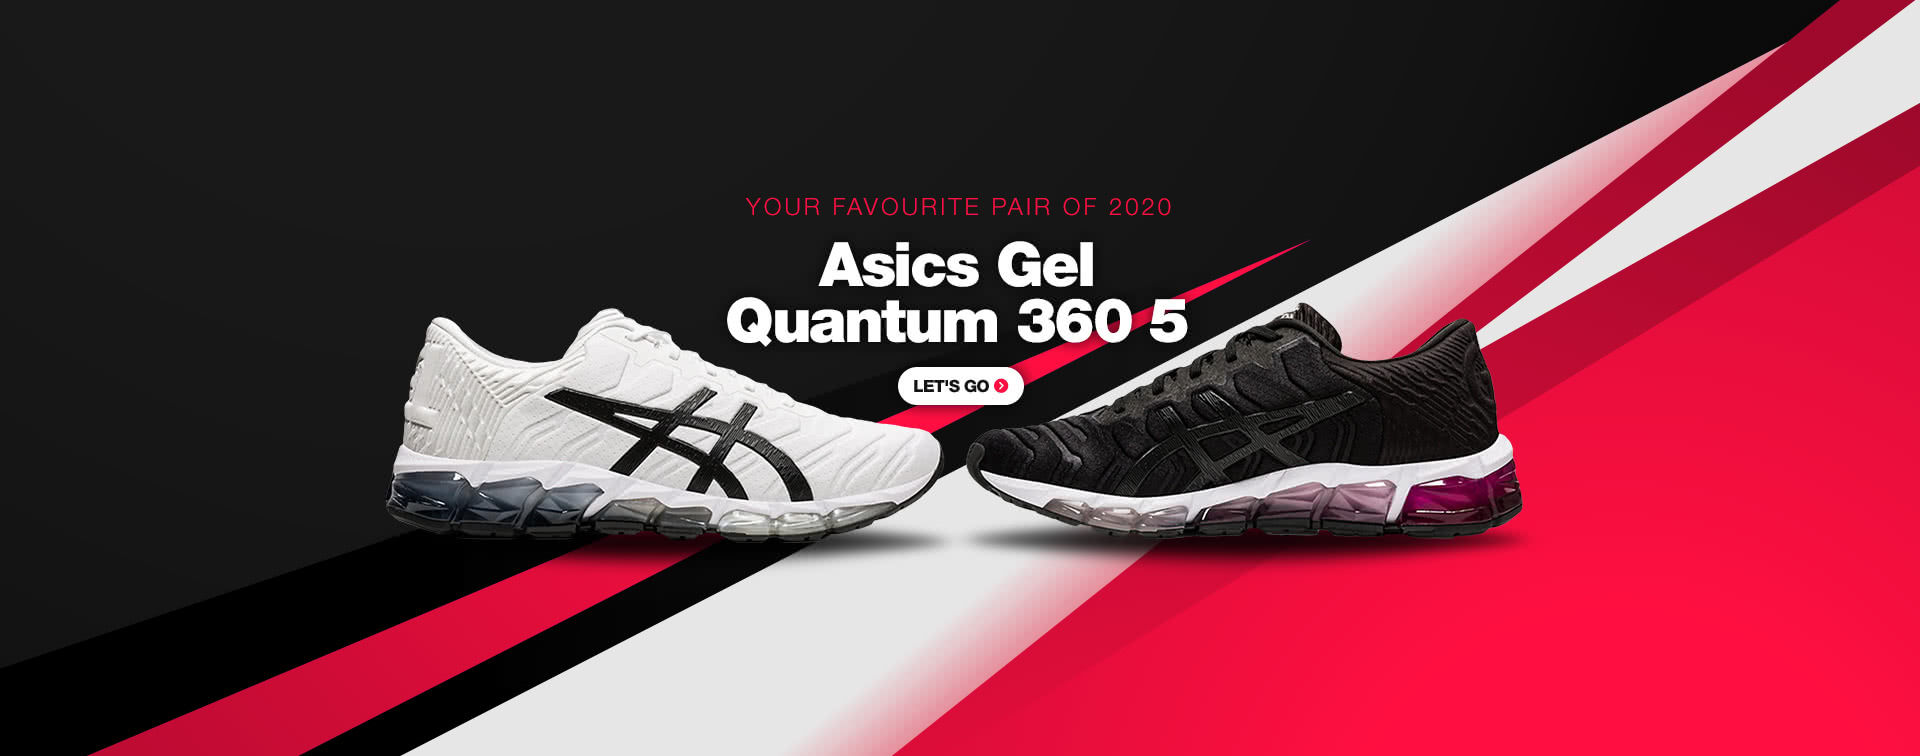 Gel quantum 360 5